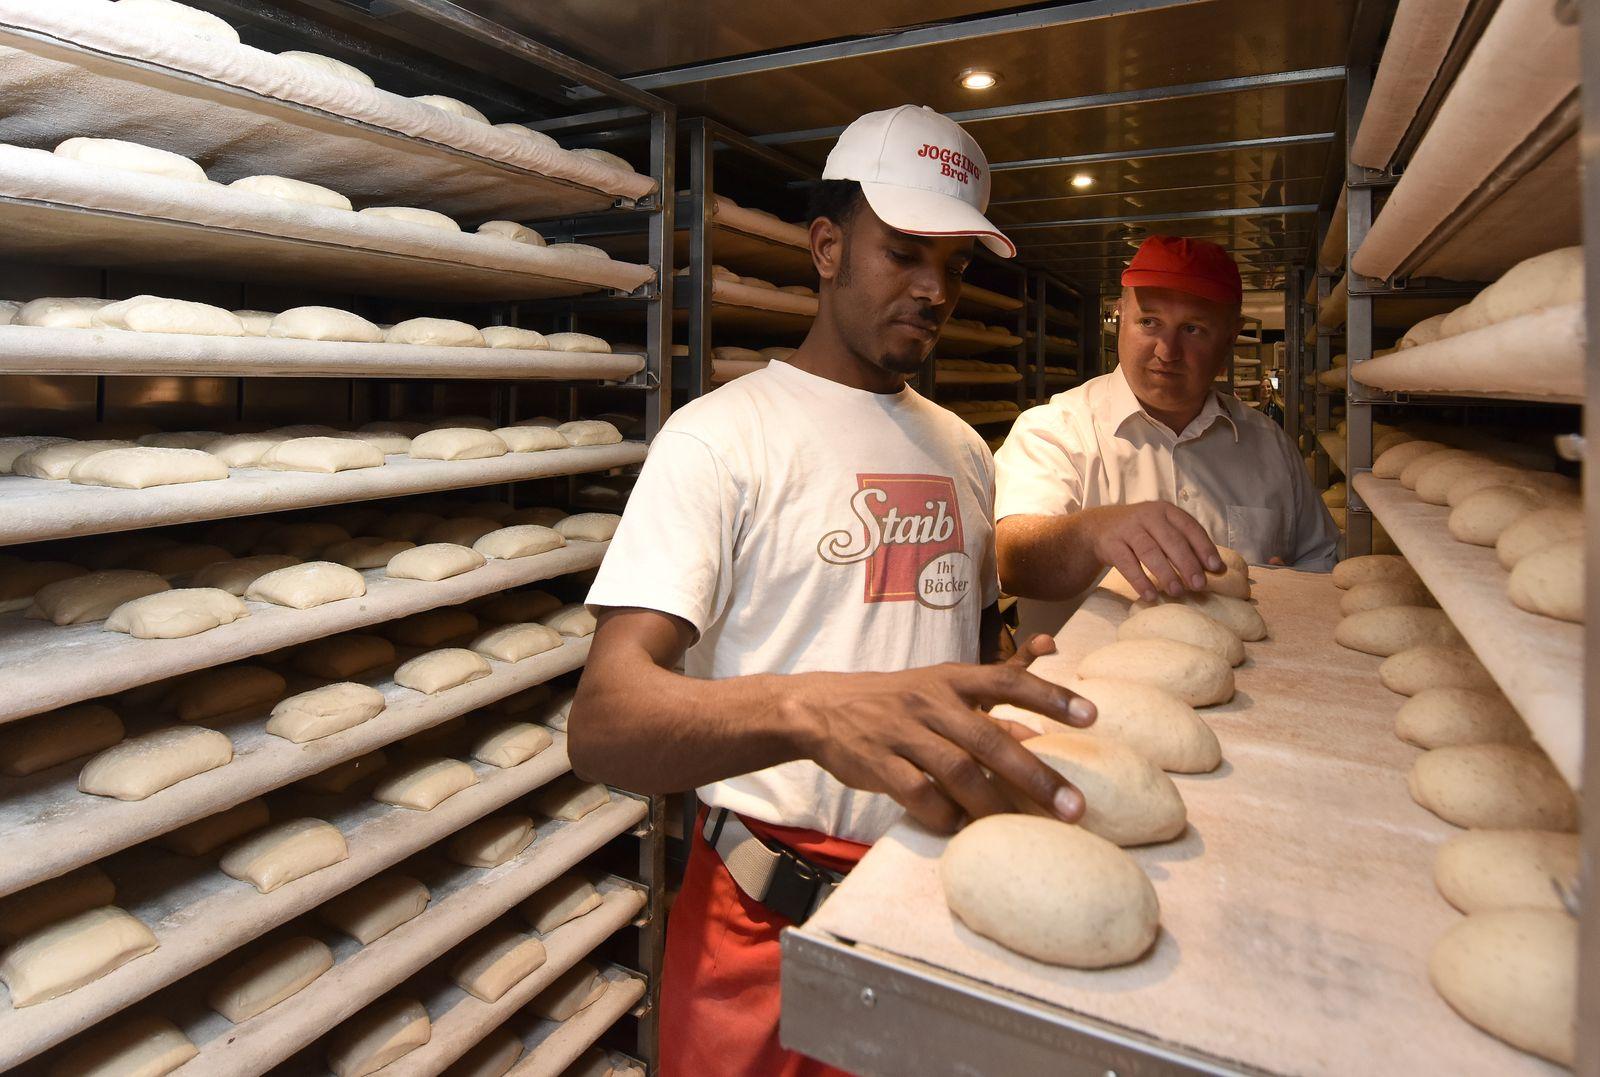 Flüchtling in Bäckerausbildung